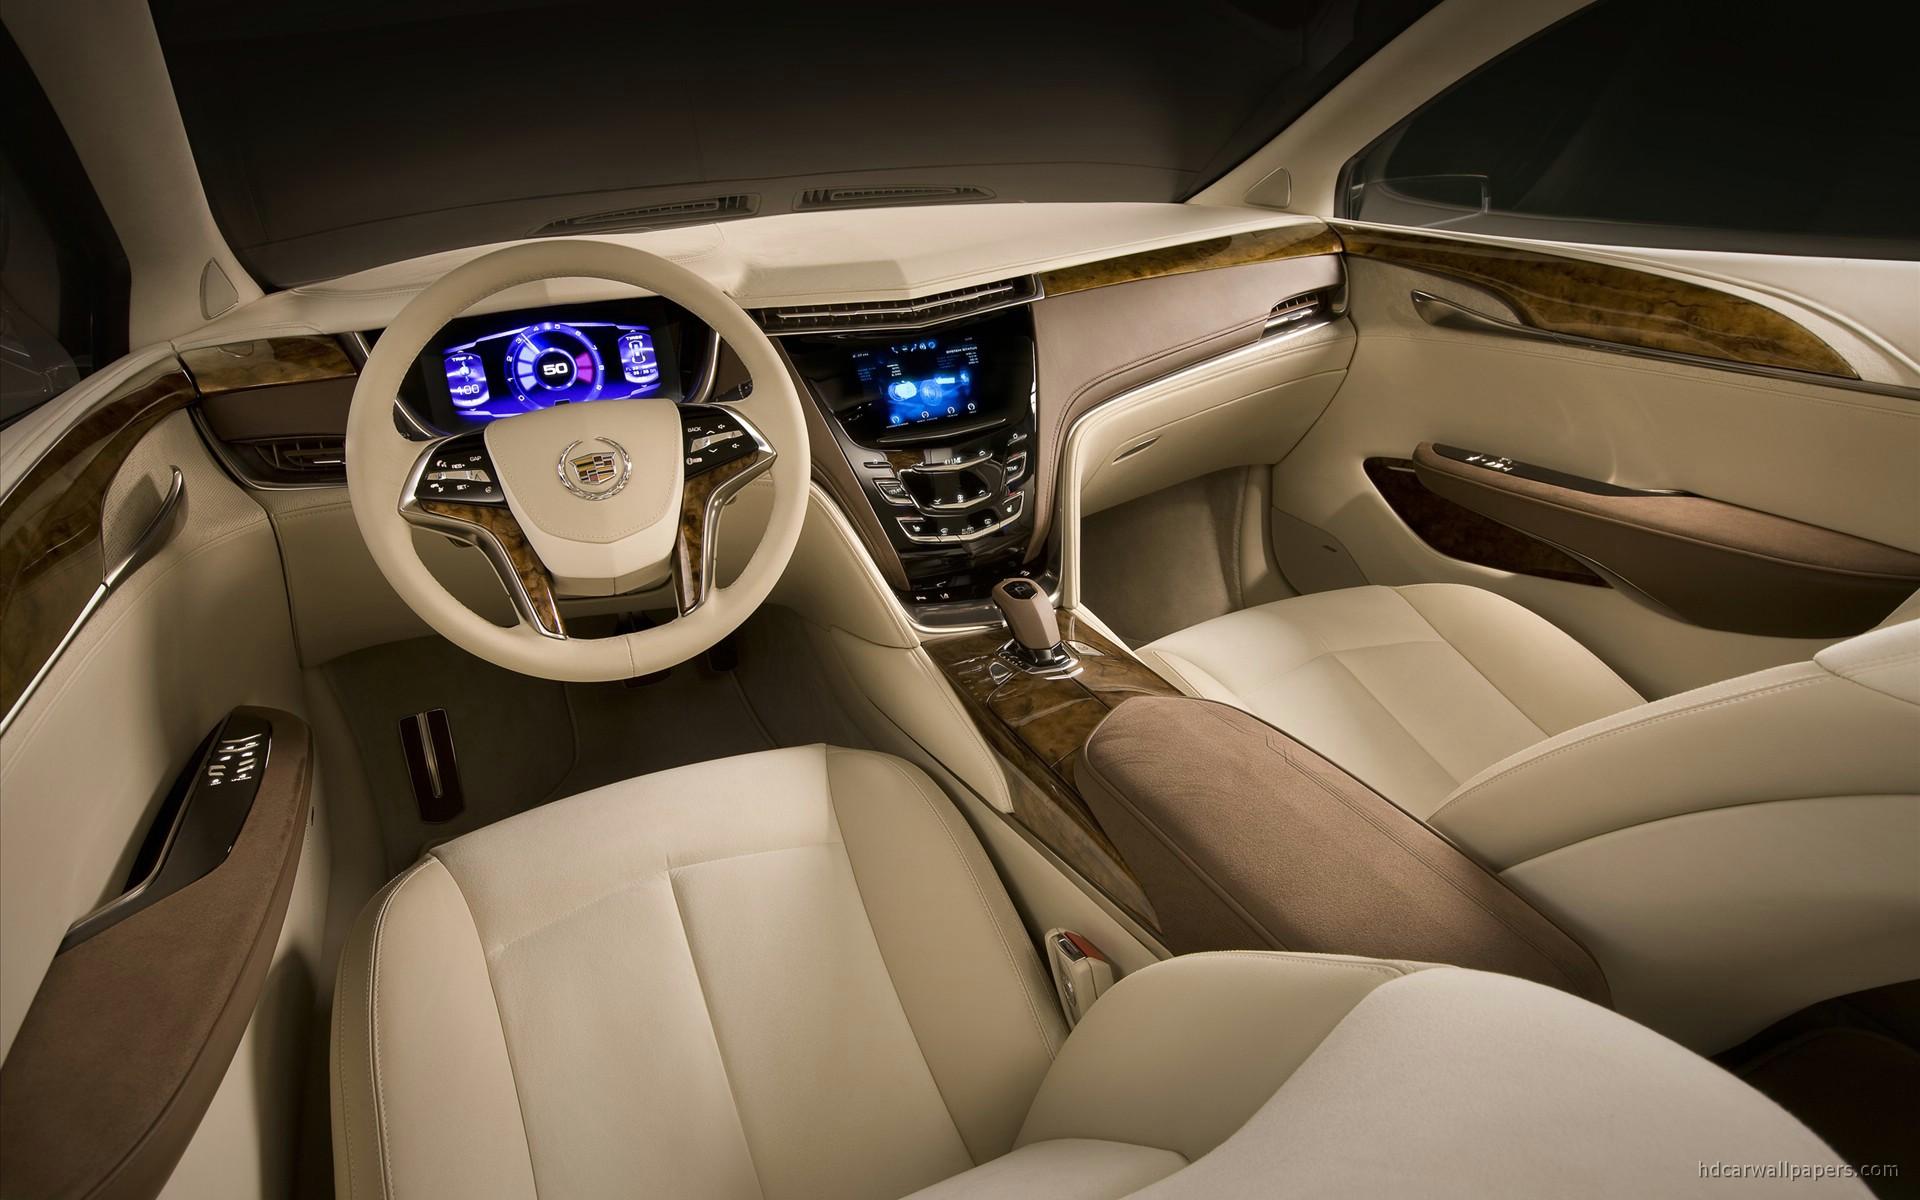 Cadillac xlr interior viewing gallery